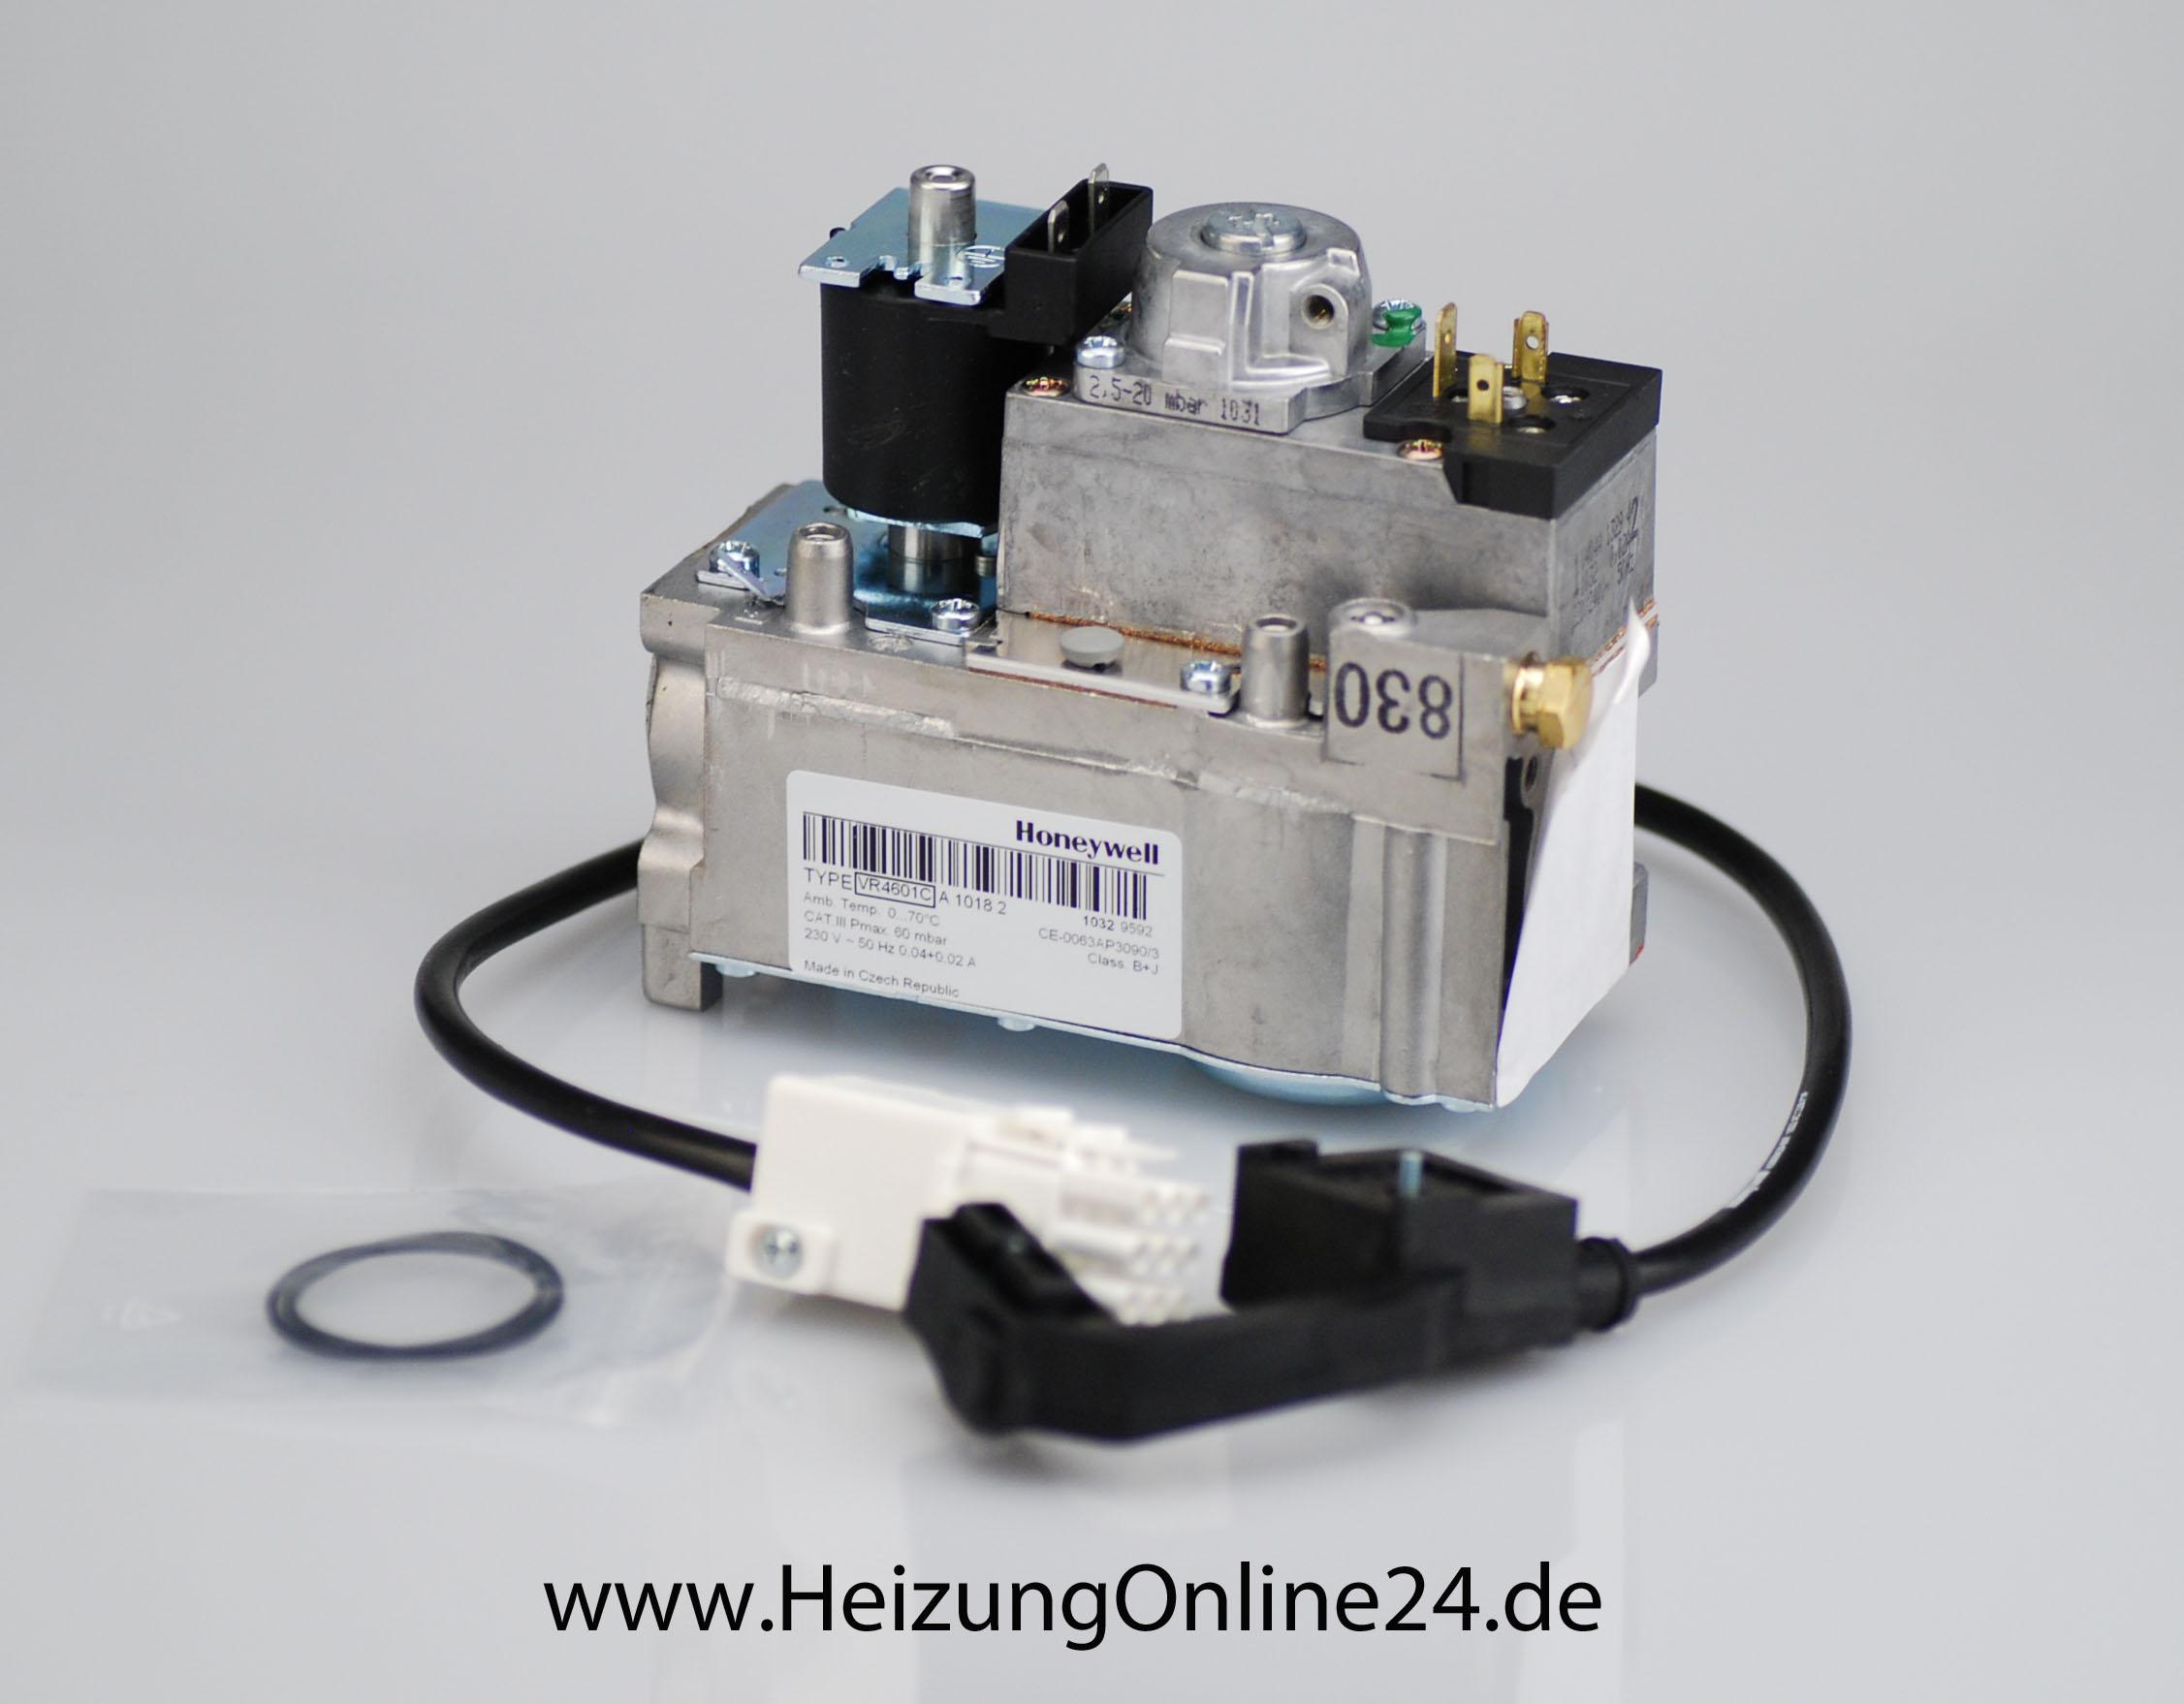 PENGGONG Innensechskant Schraubendreher Flexible Sechskant-Anschlussleitung G6I8